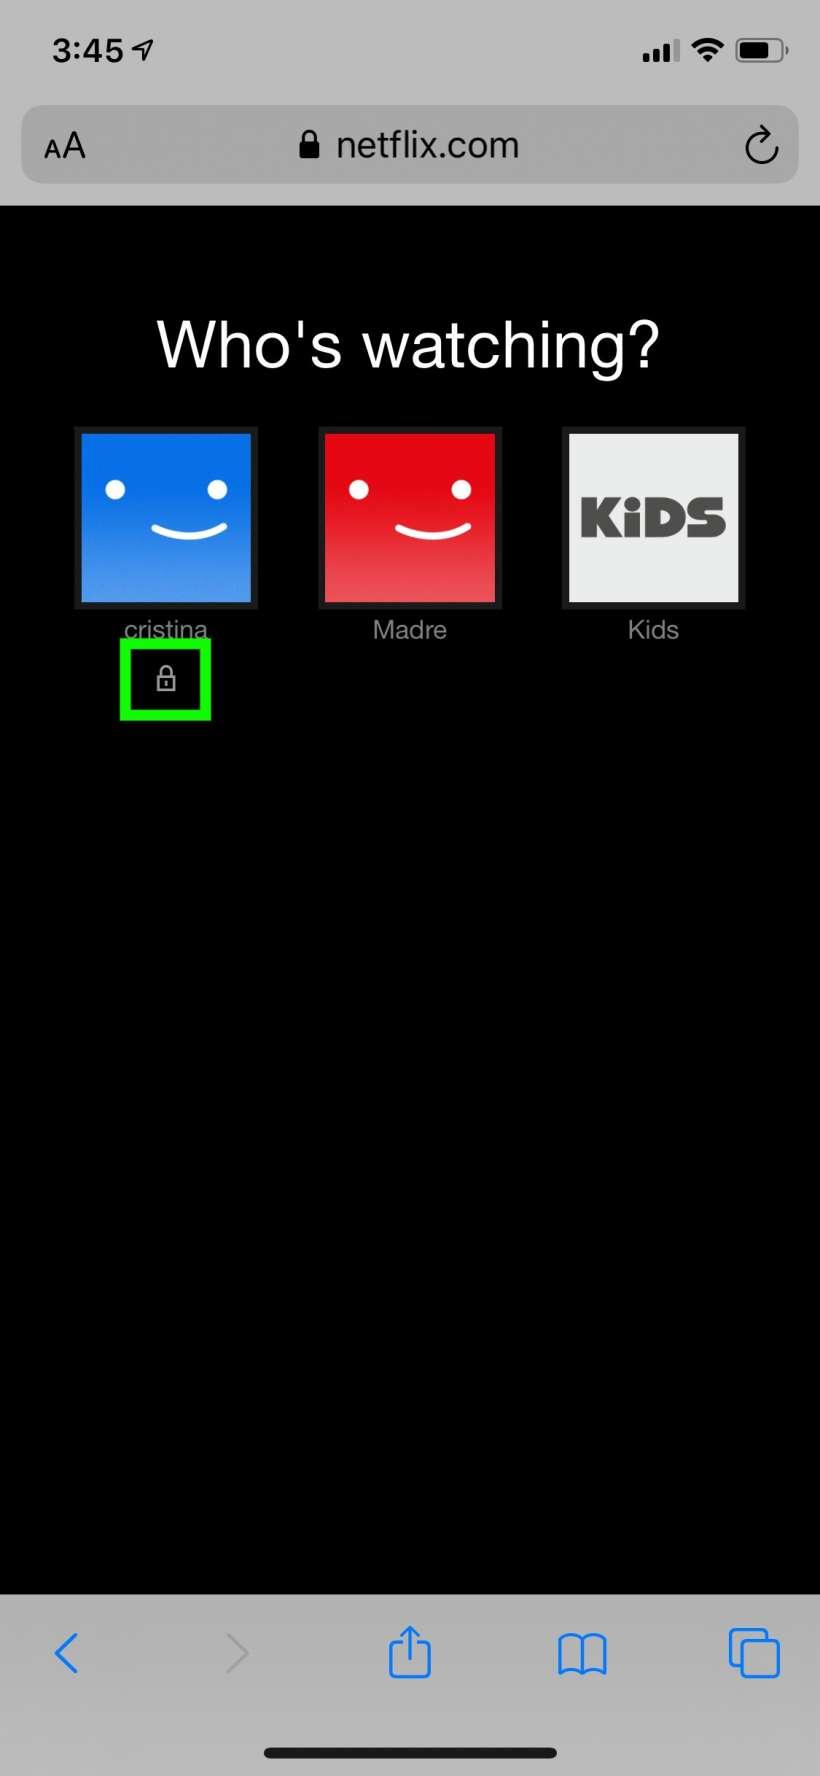 Làm cách nào để bảo vệ hồ sơ Netflix của bạn trên iPhone và iPad bằng mật khẩu PIN?